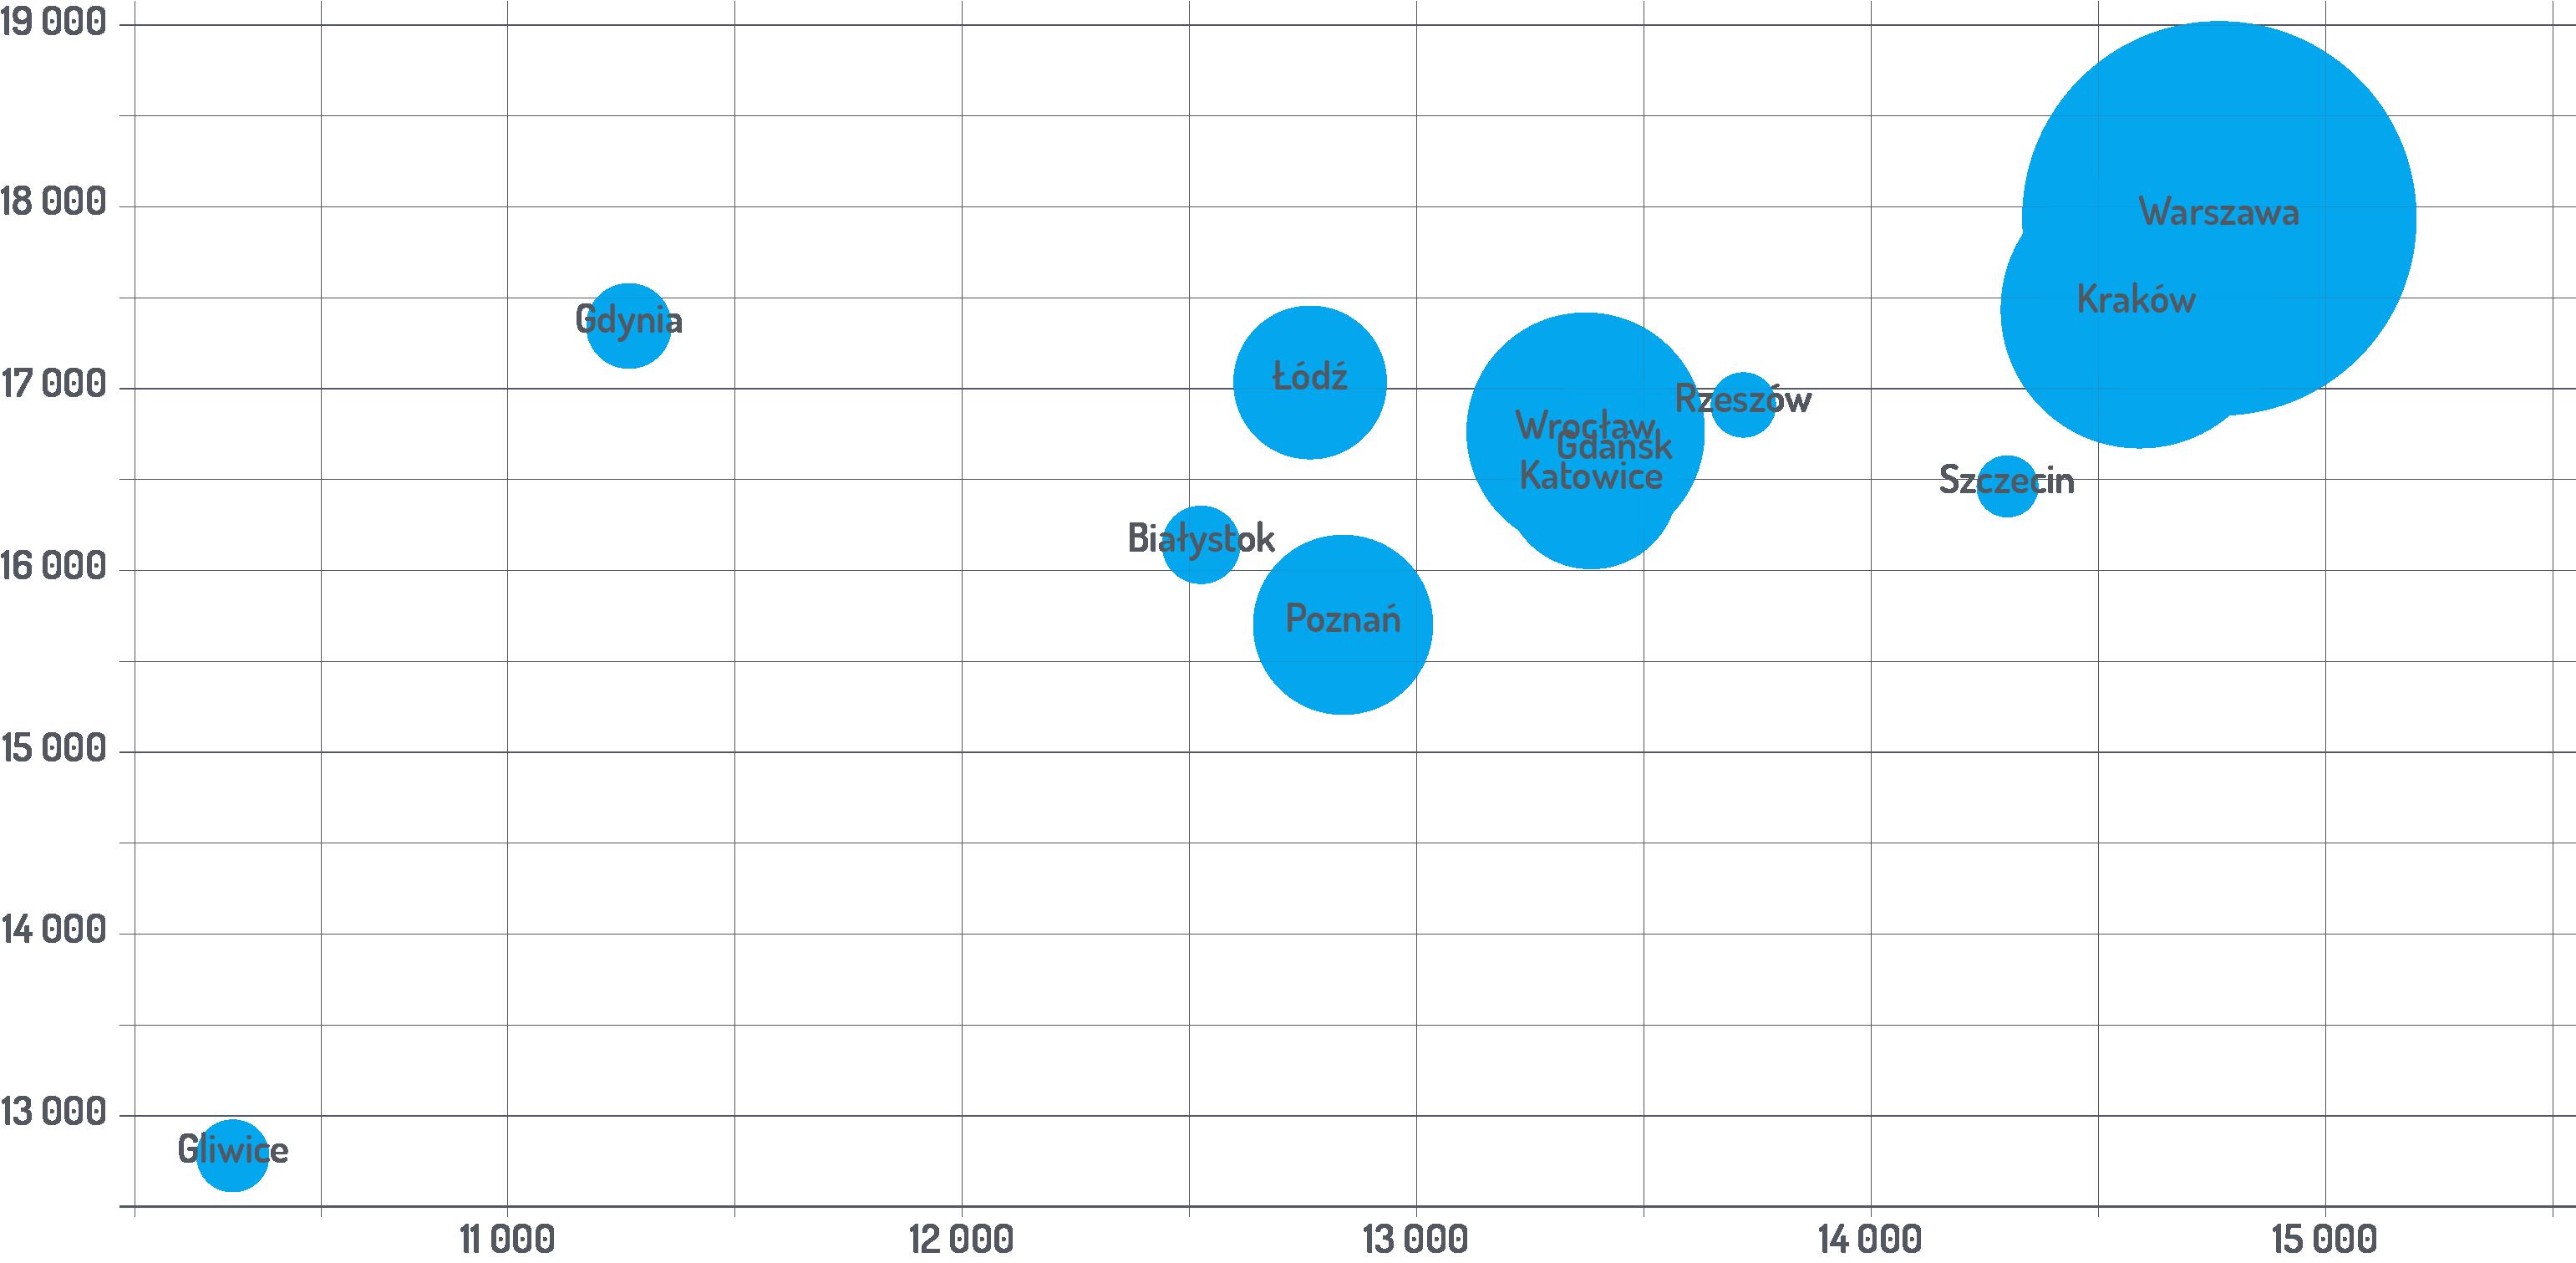 Średnie stawki w poszczególnych miastach - wykres